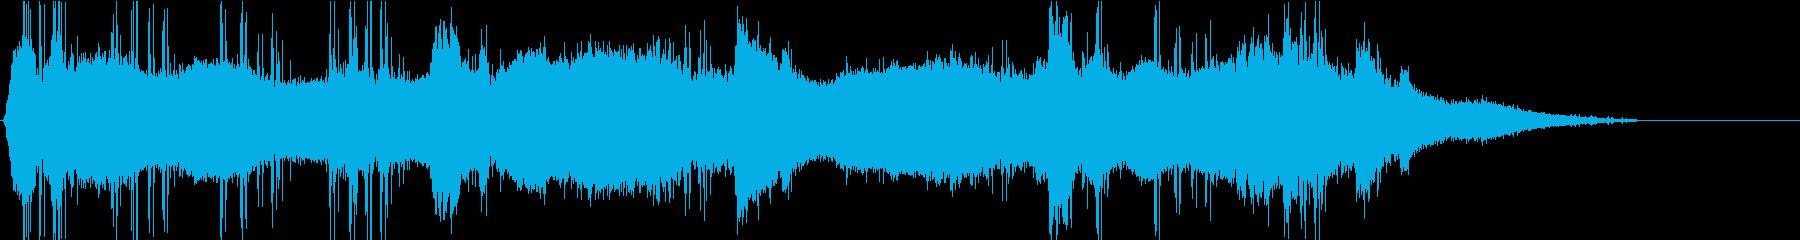 周囲の暗く大気のサウンドスケープは...の再生済みの波形